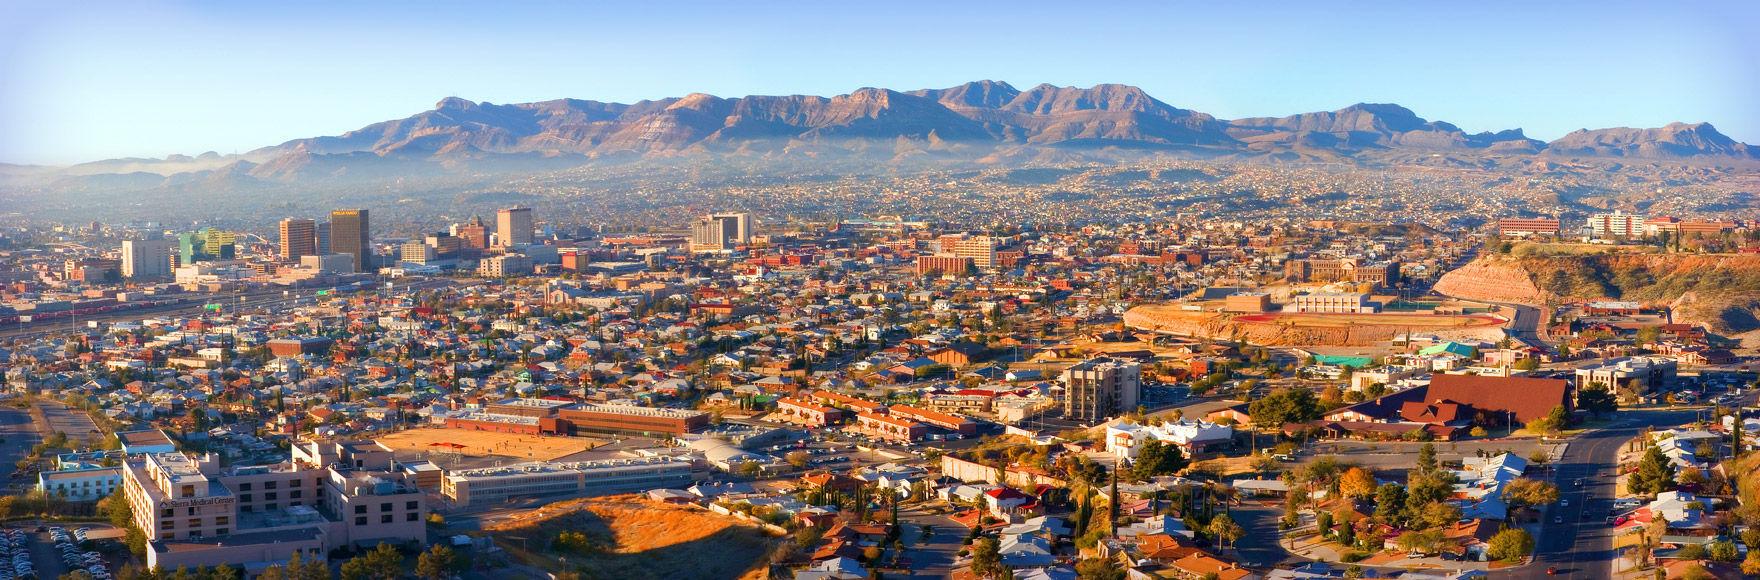 ¿A qué país pertenece El Paso?